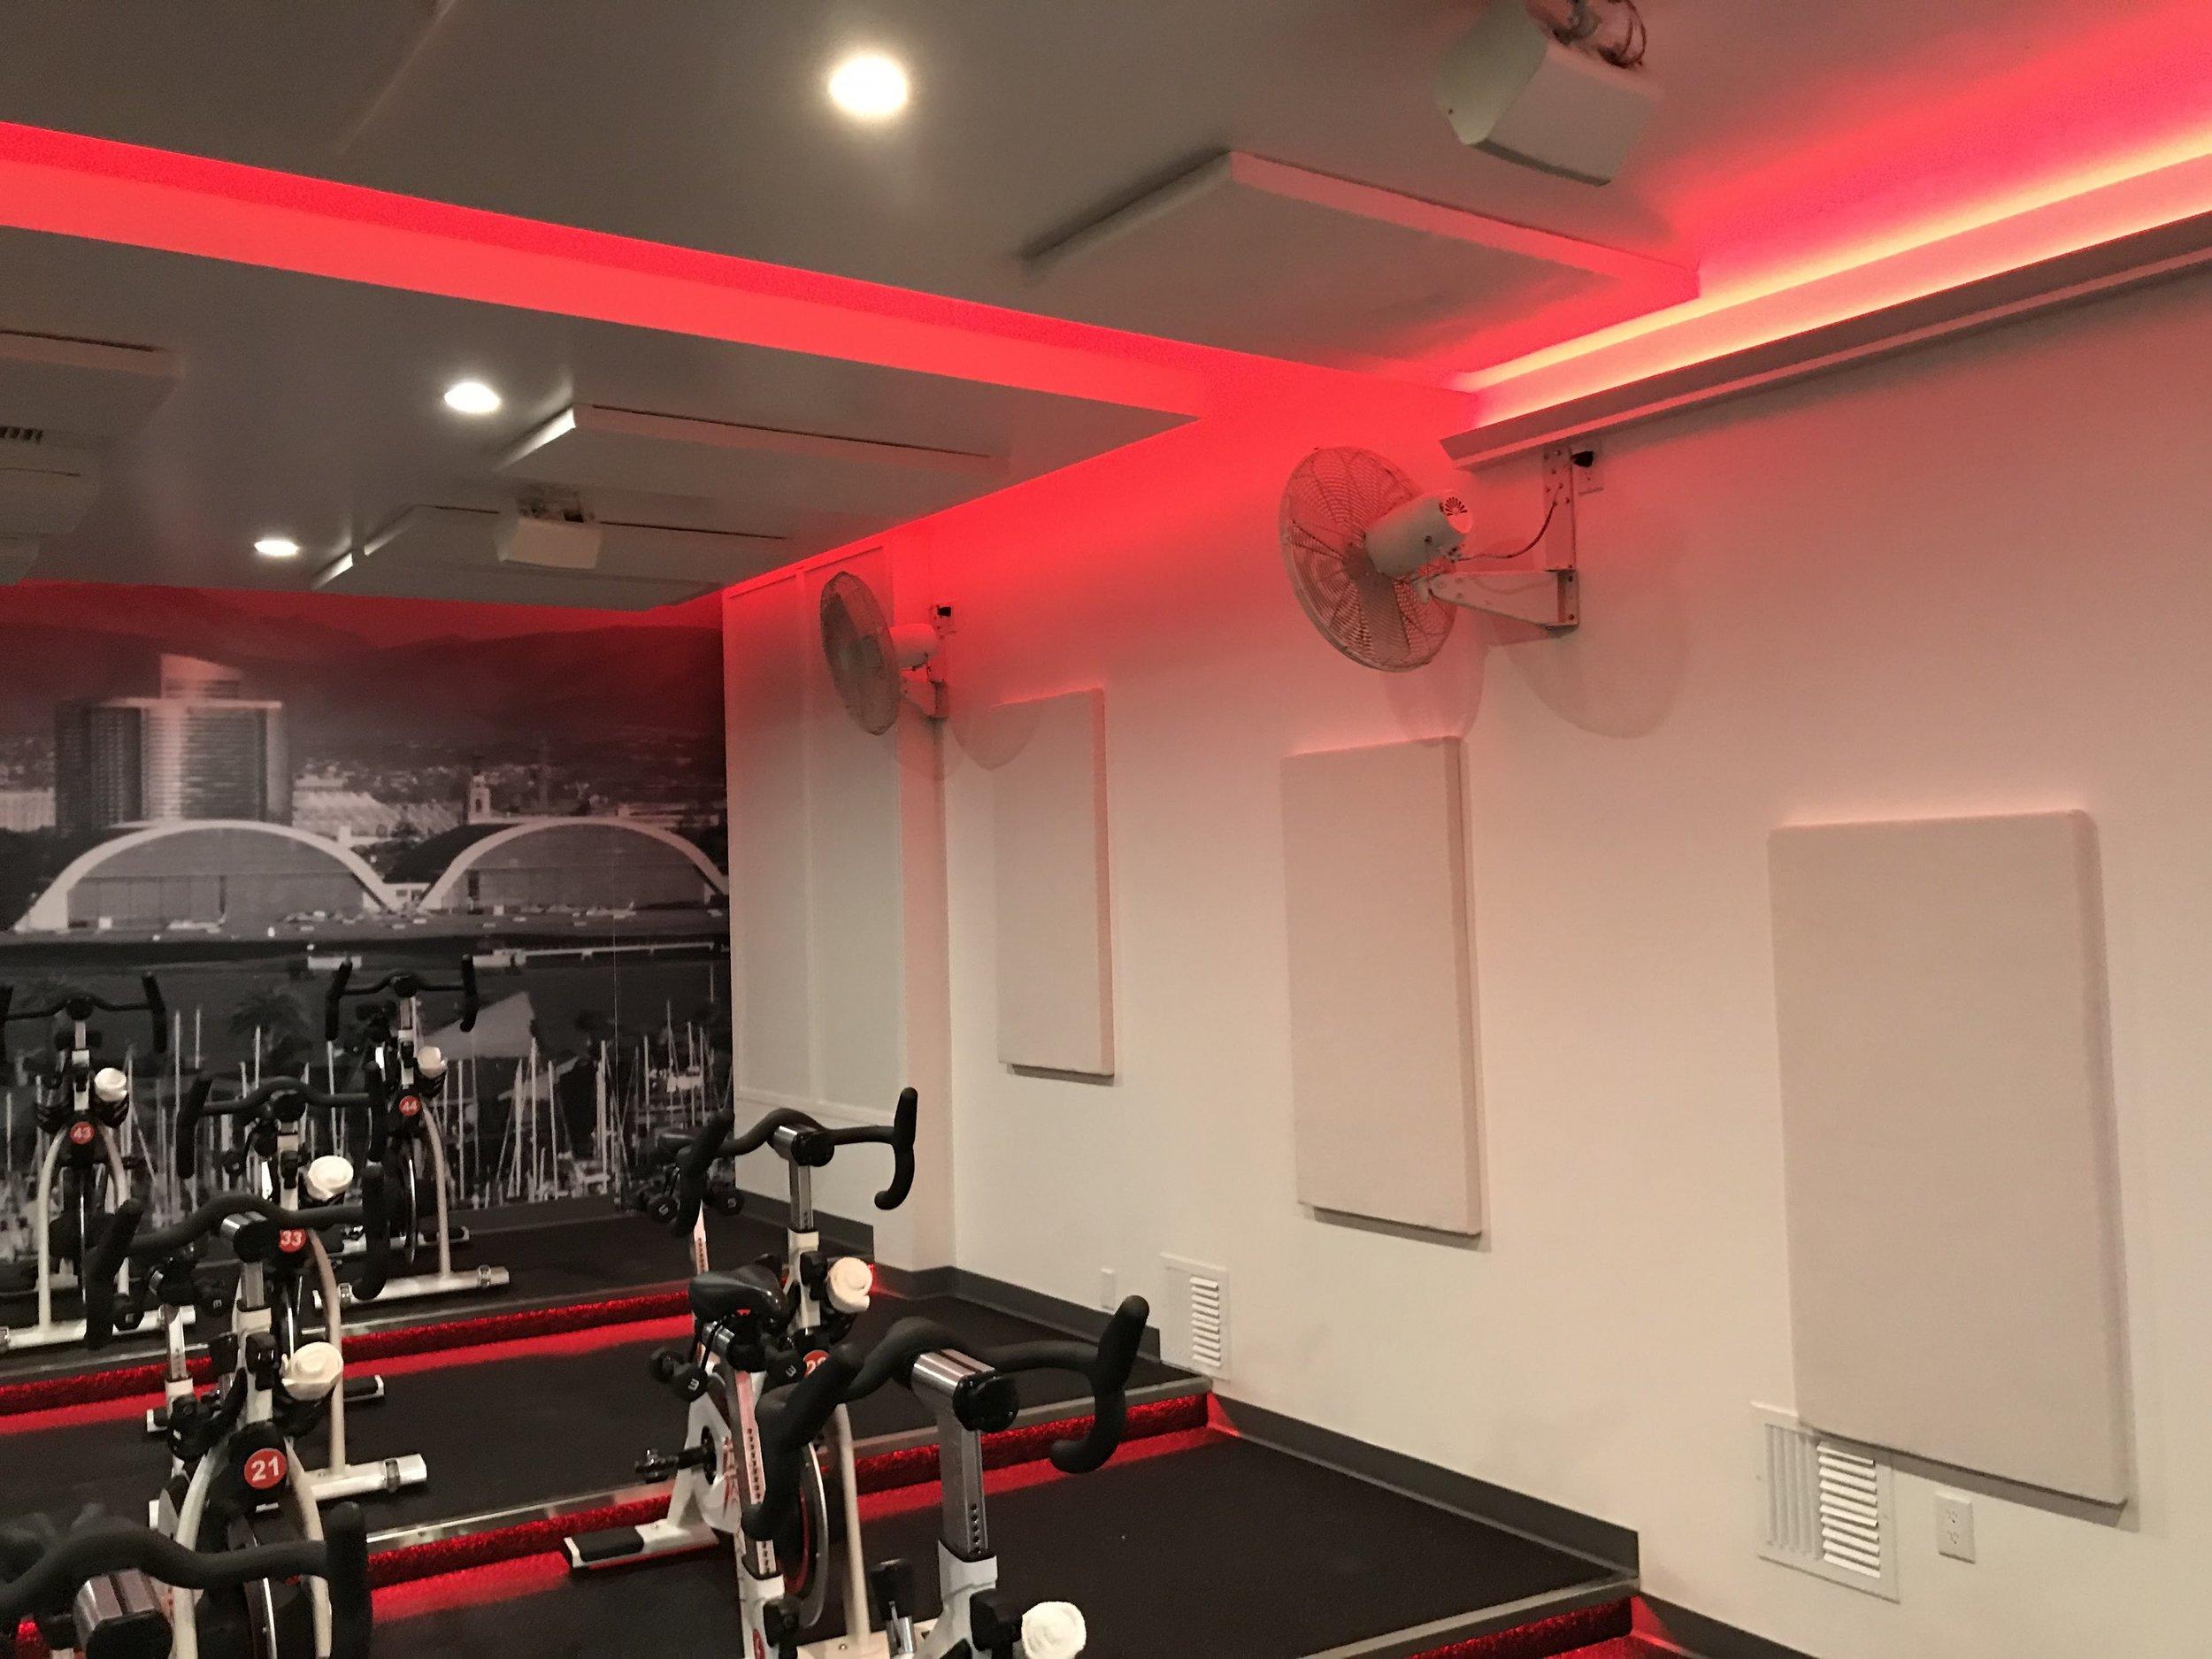 Gym Acoustic Treatment